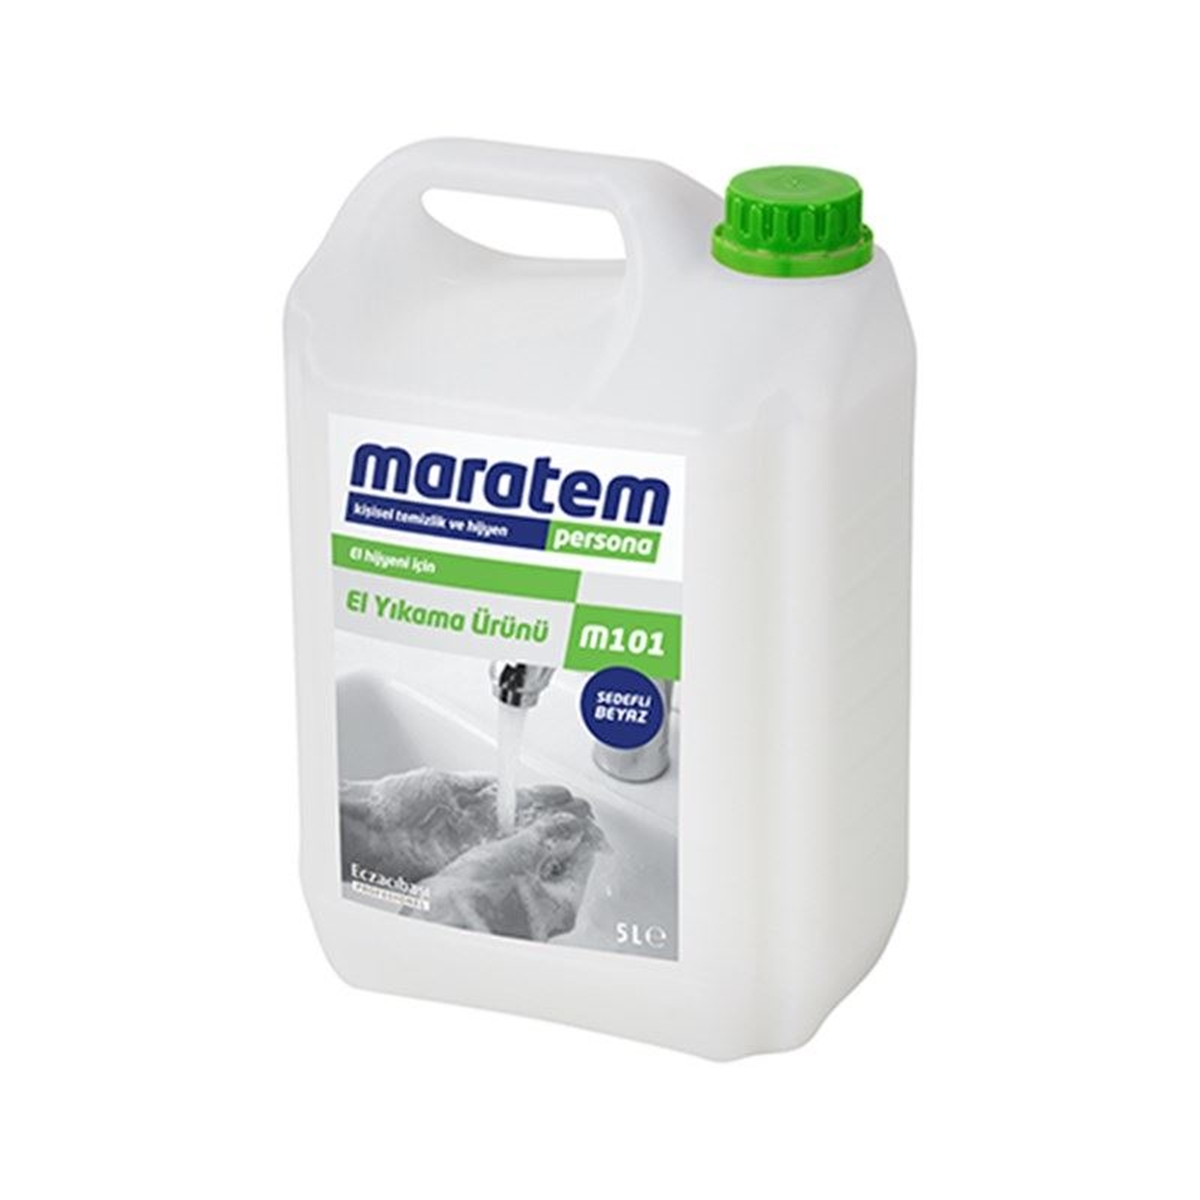 Maratem m101 Sedefli Beyaz 5kg resmi